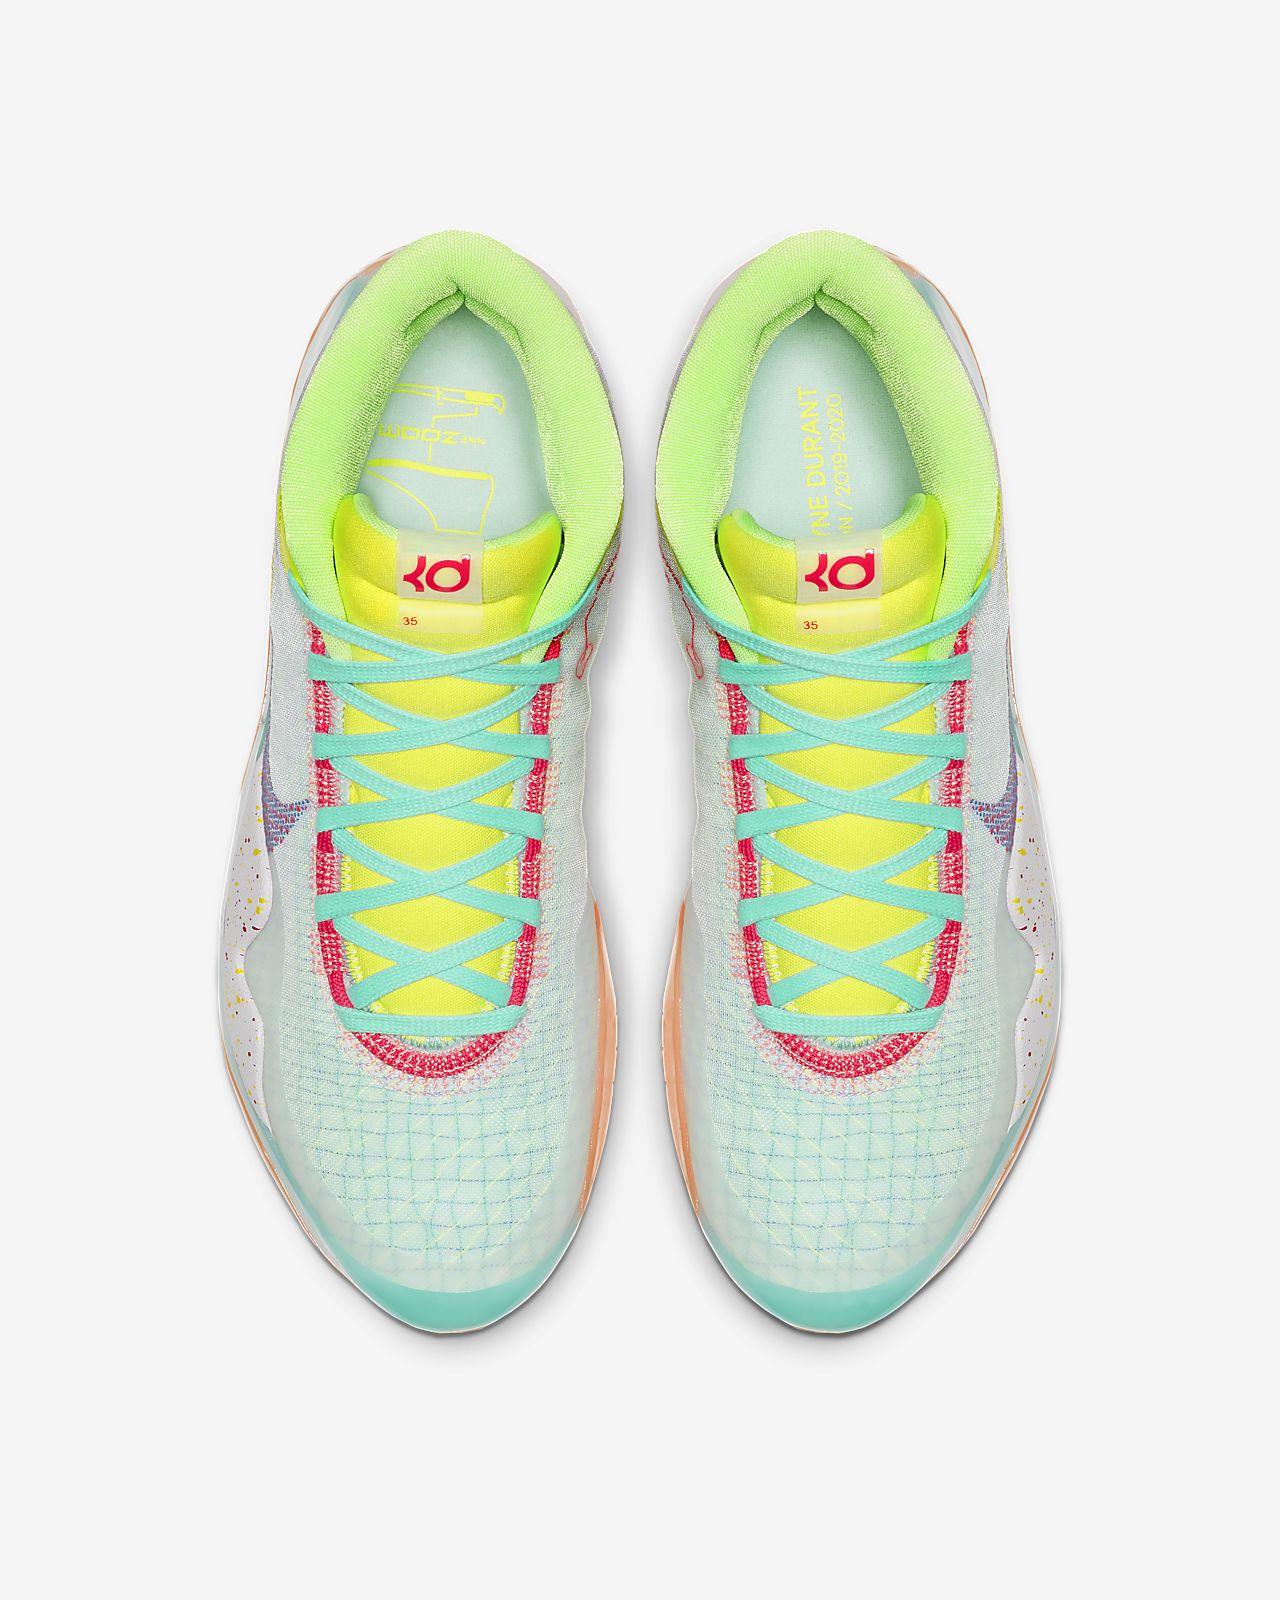 Basketball De Kd12 Chaussure Nike Zoom m0PvNn8ywO